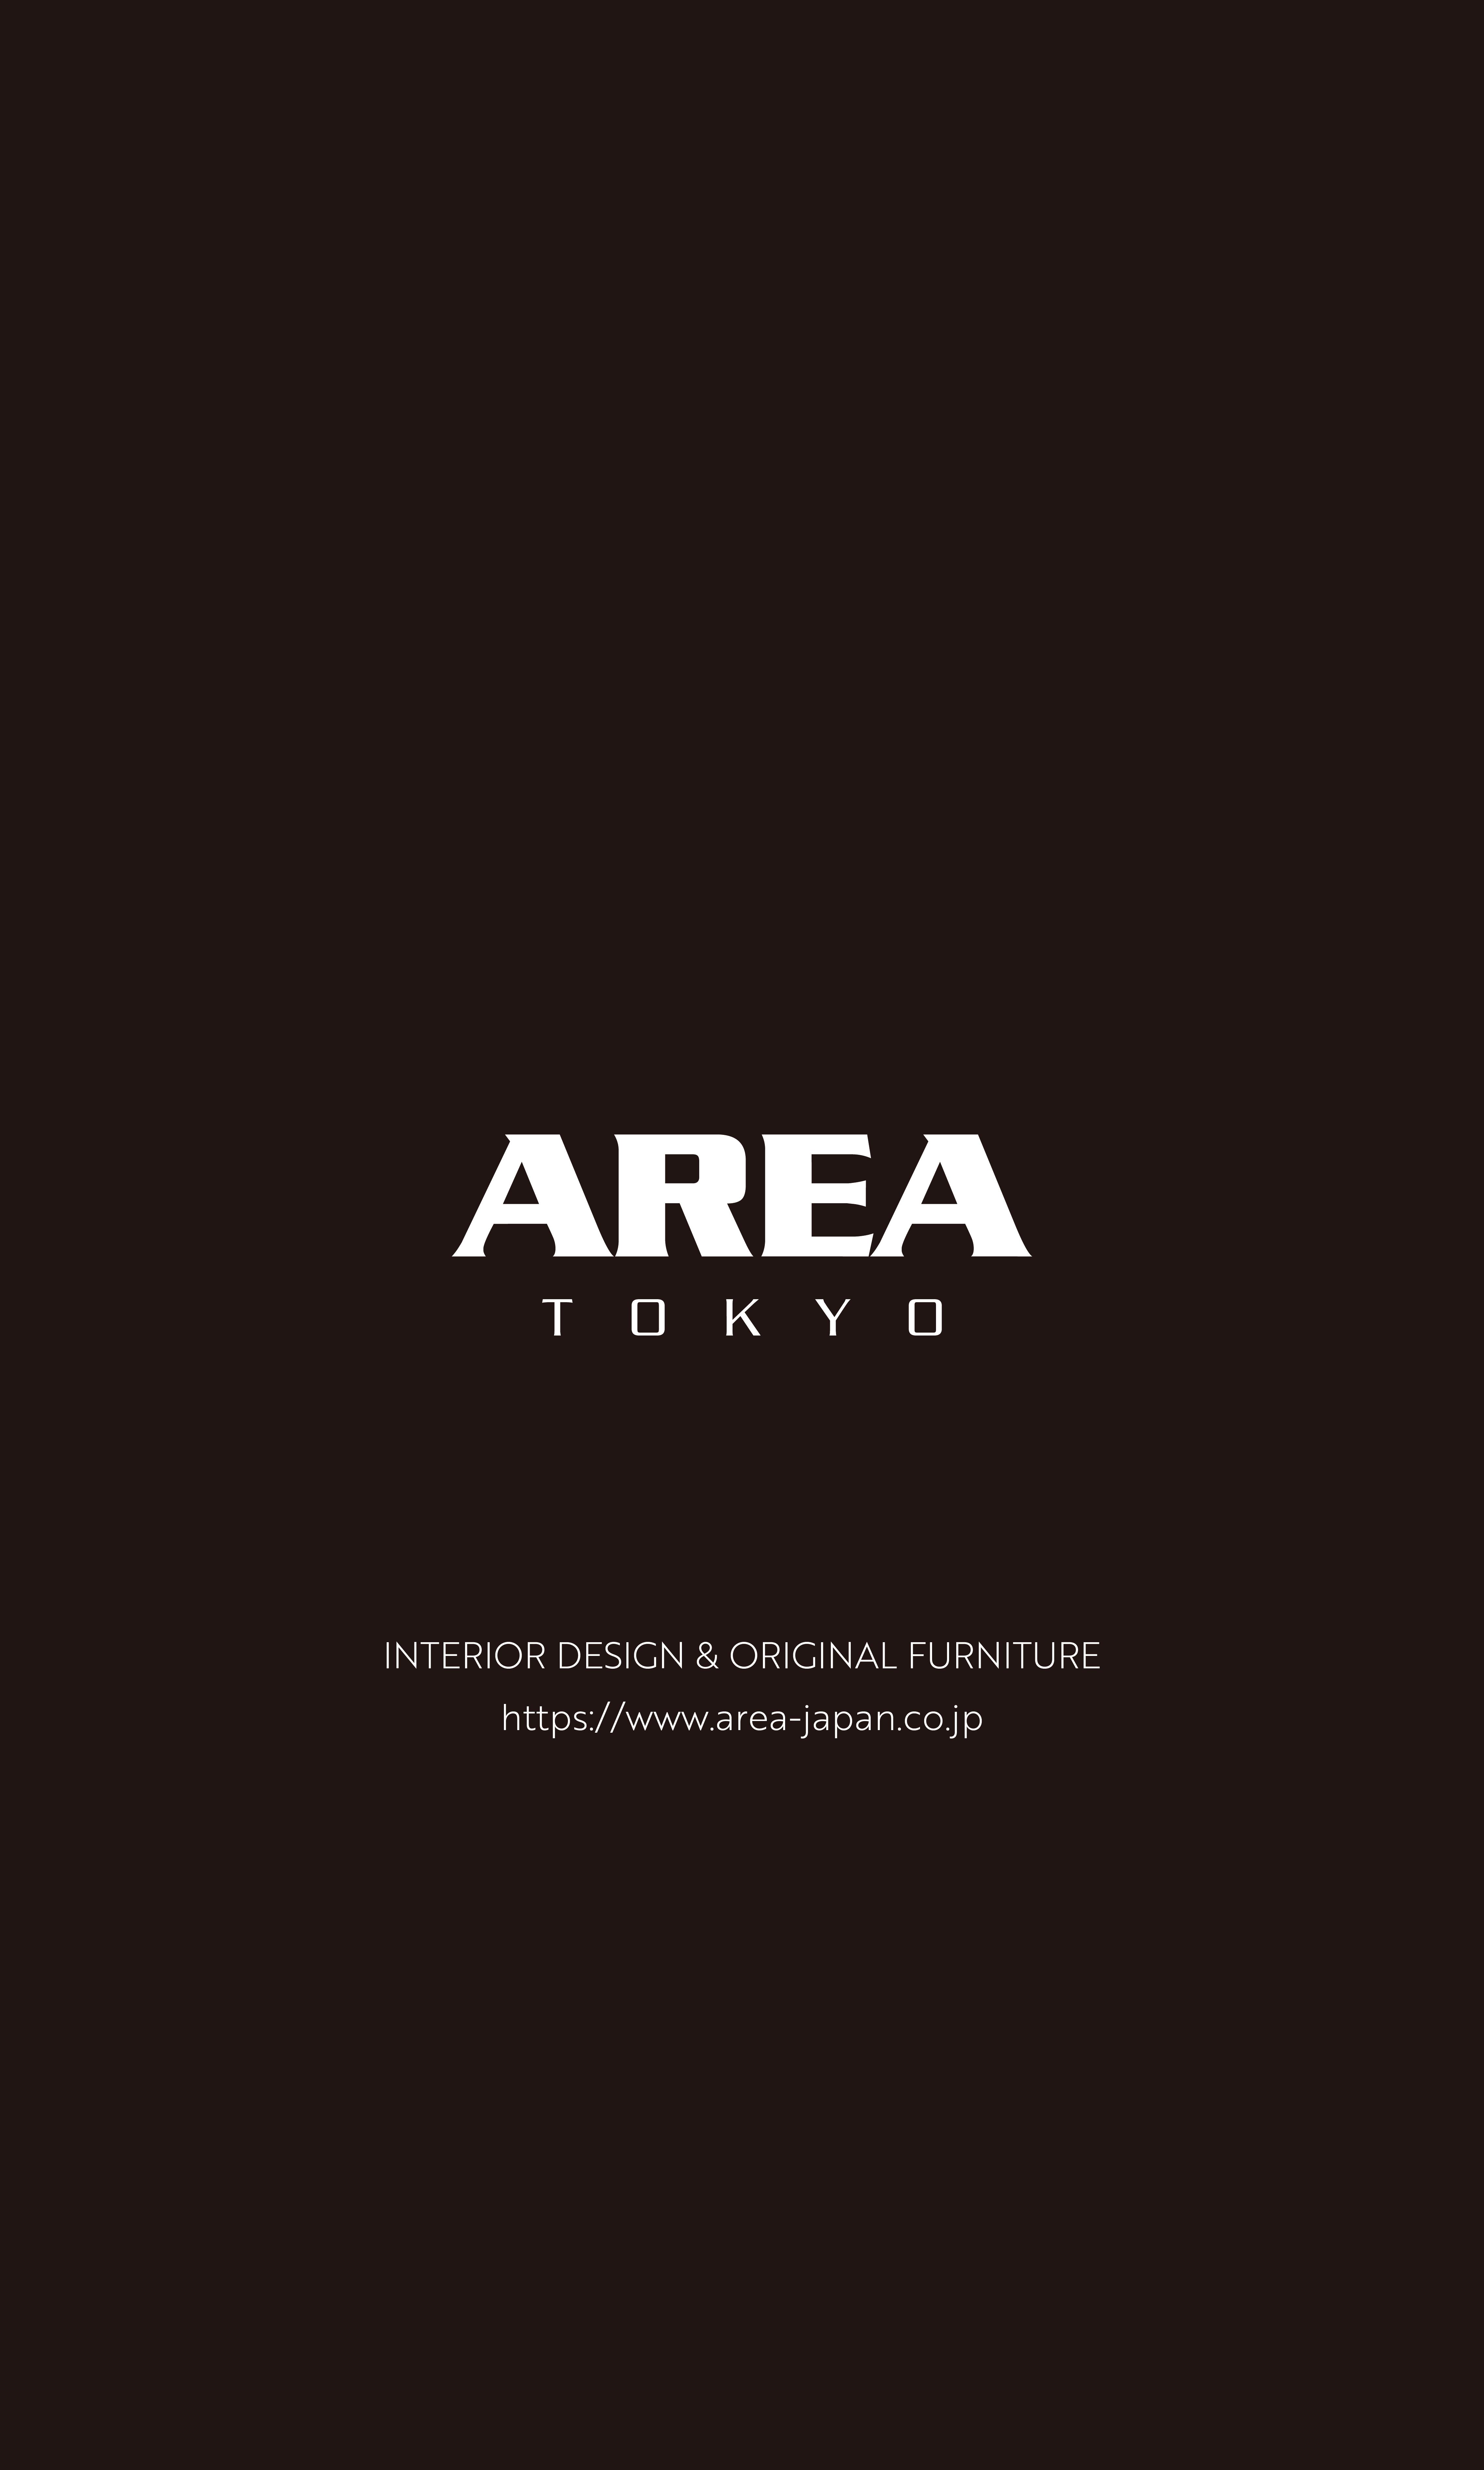 AREA Tokyo エリアトーキョー ホームページ インテリアデザイン オリジナルファニチャー